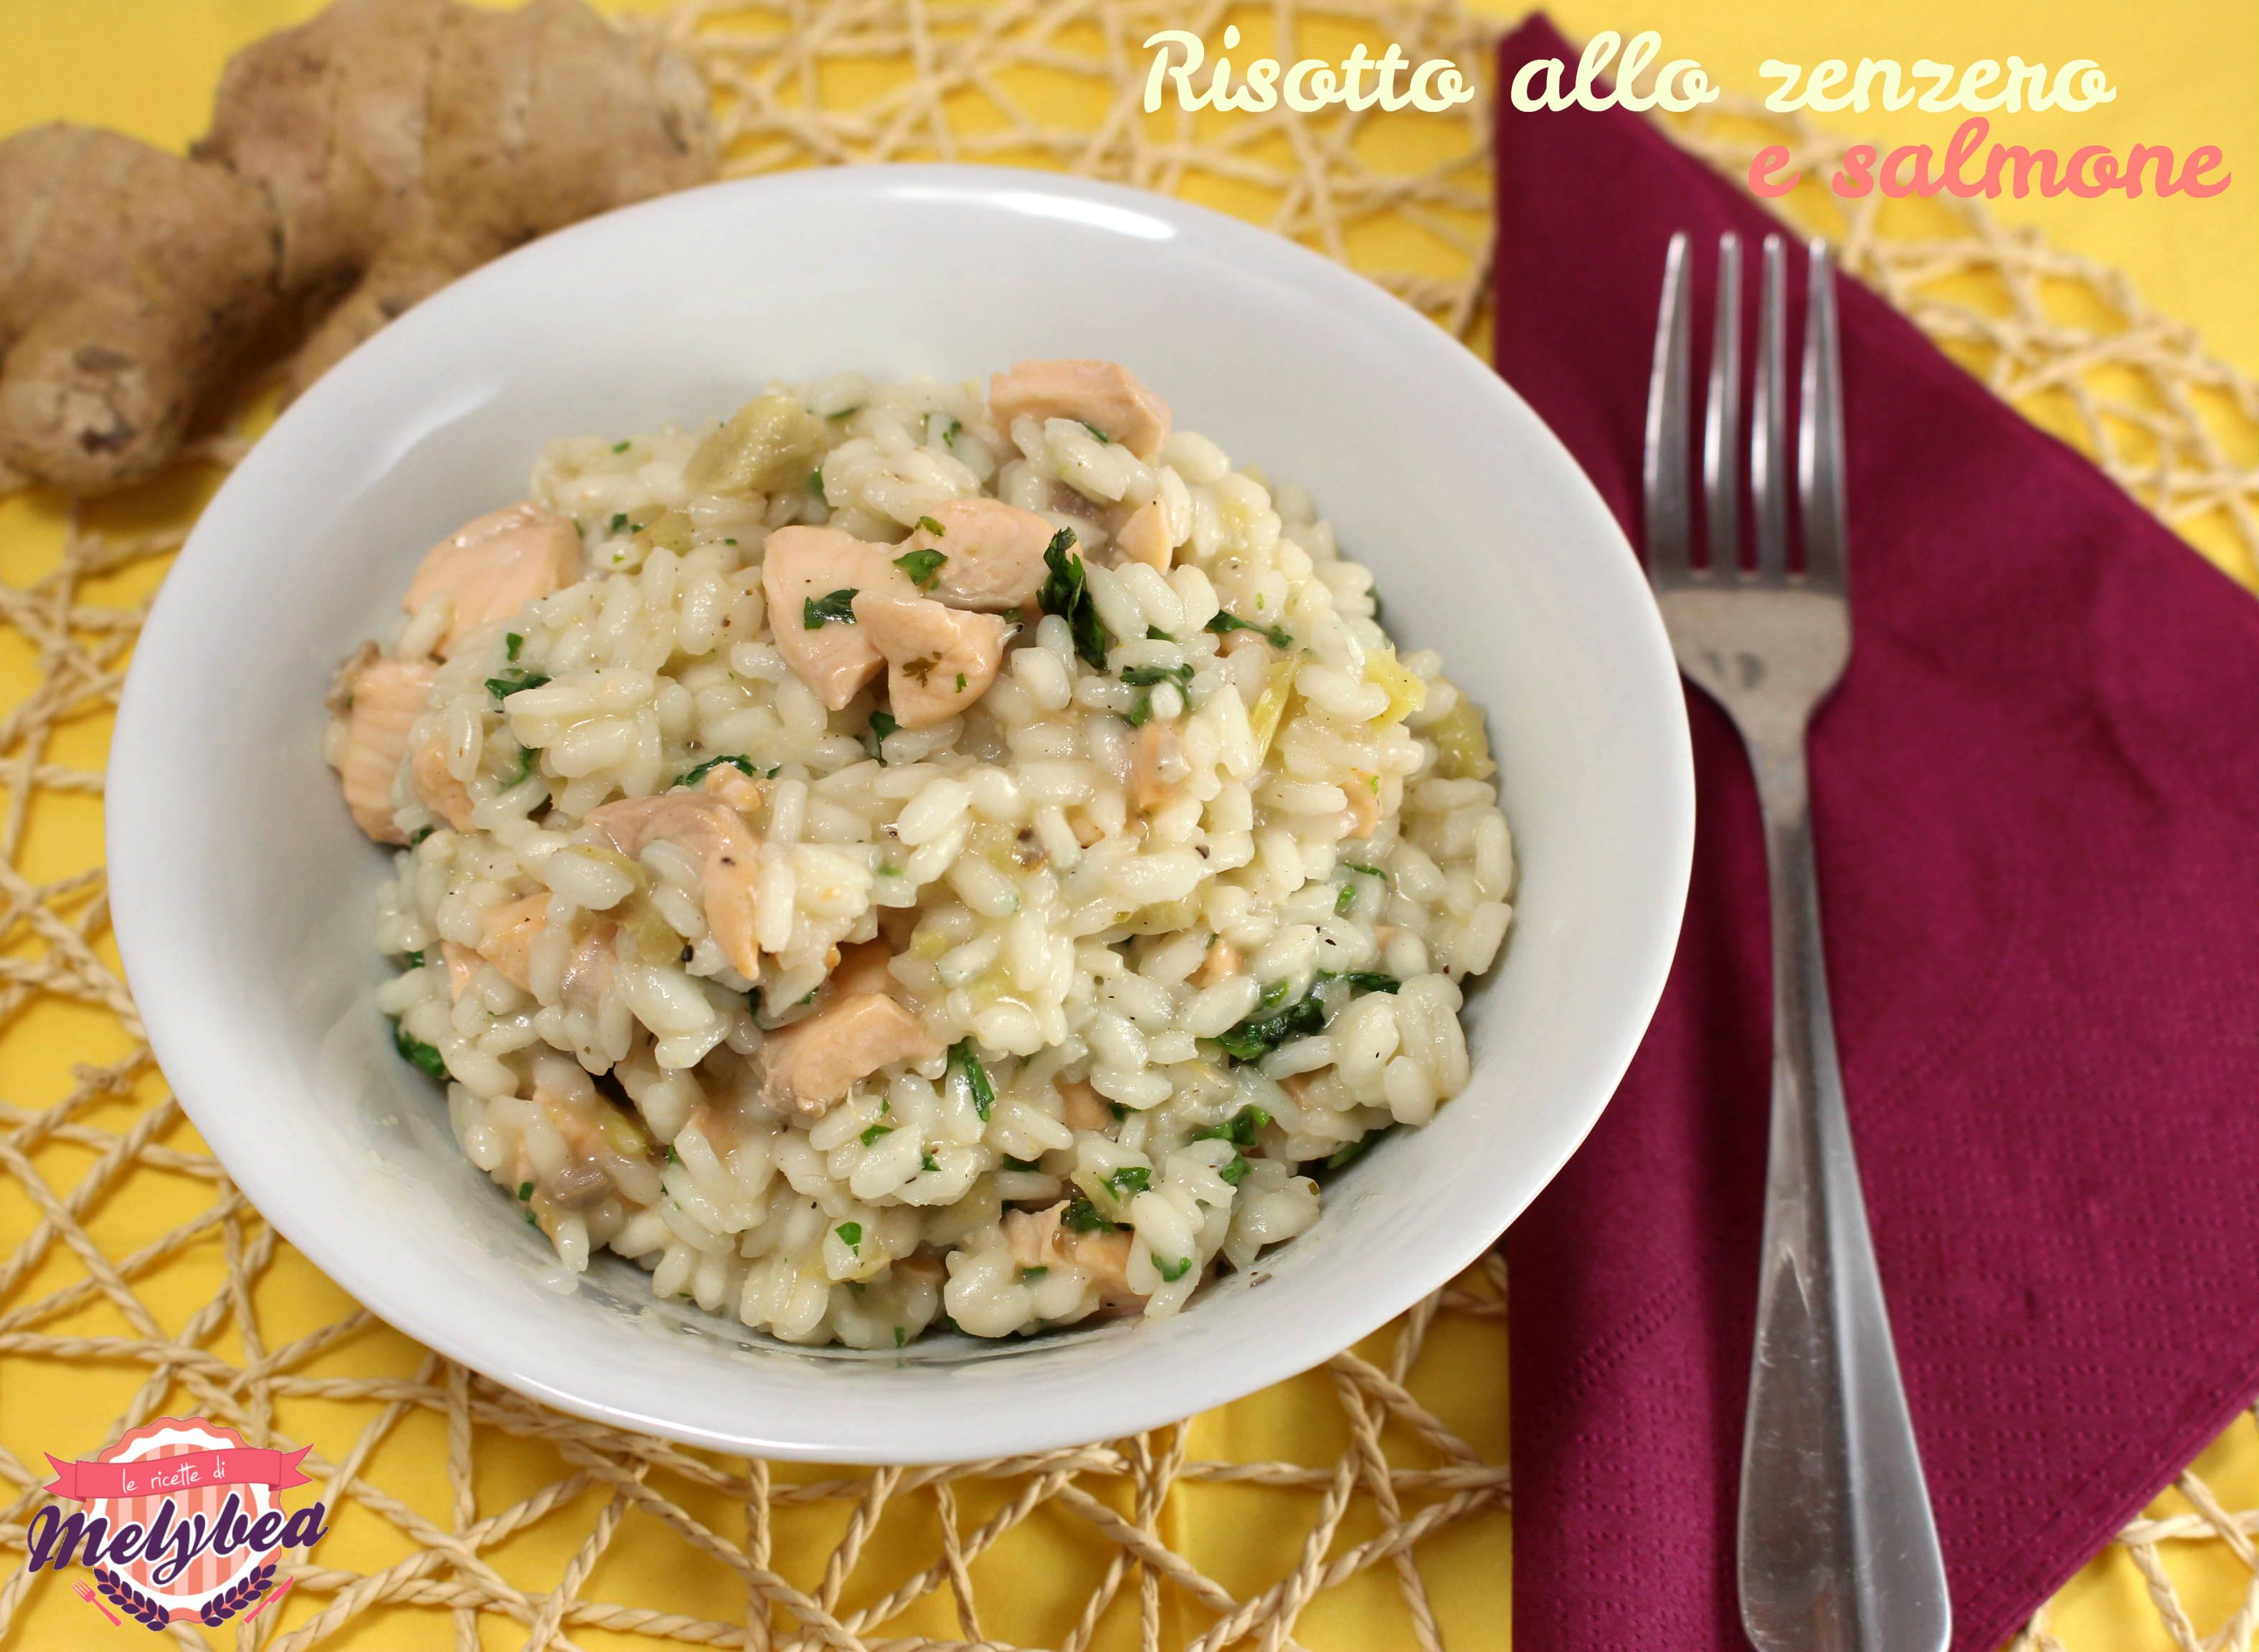 risotto allo zenzero e salmone